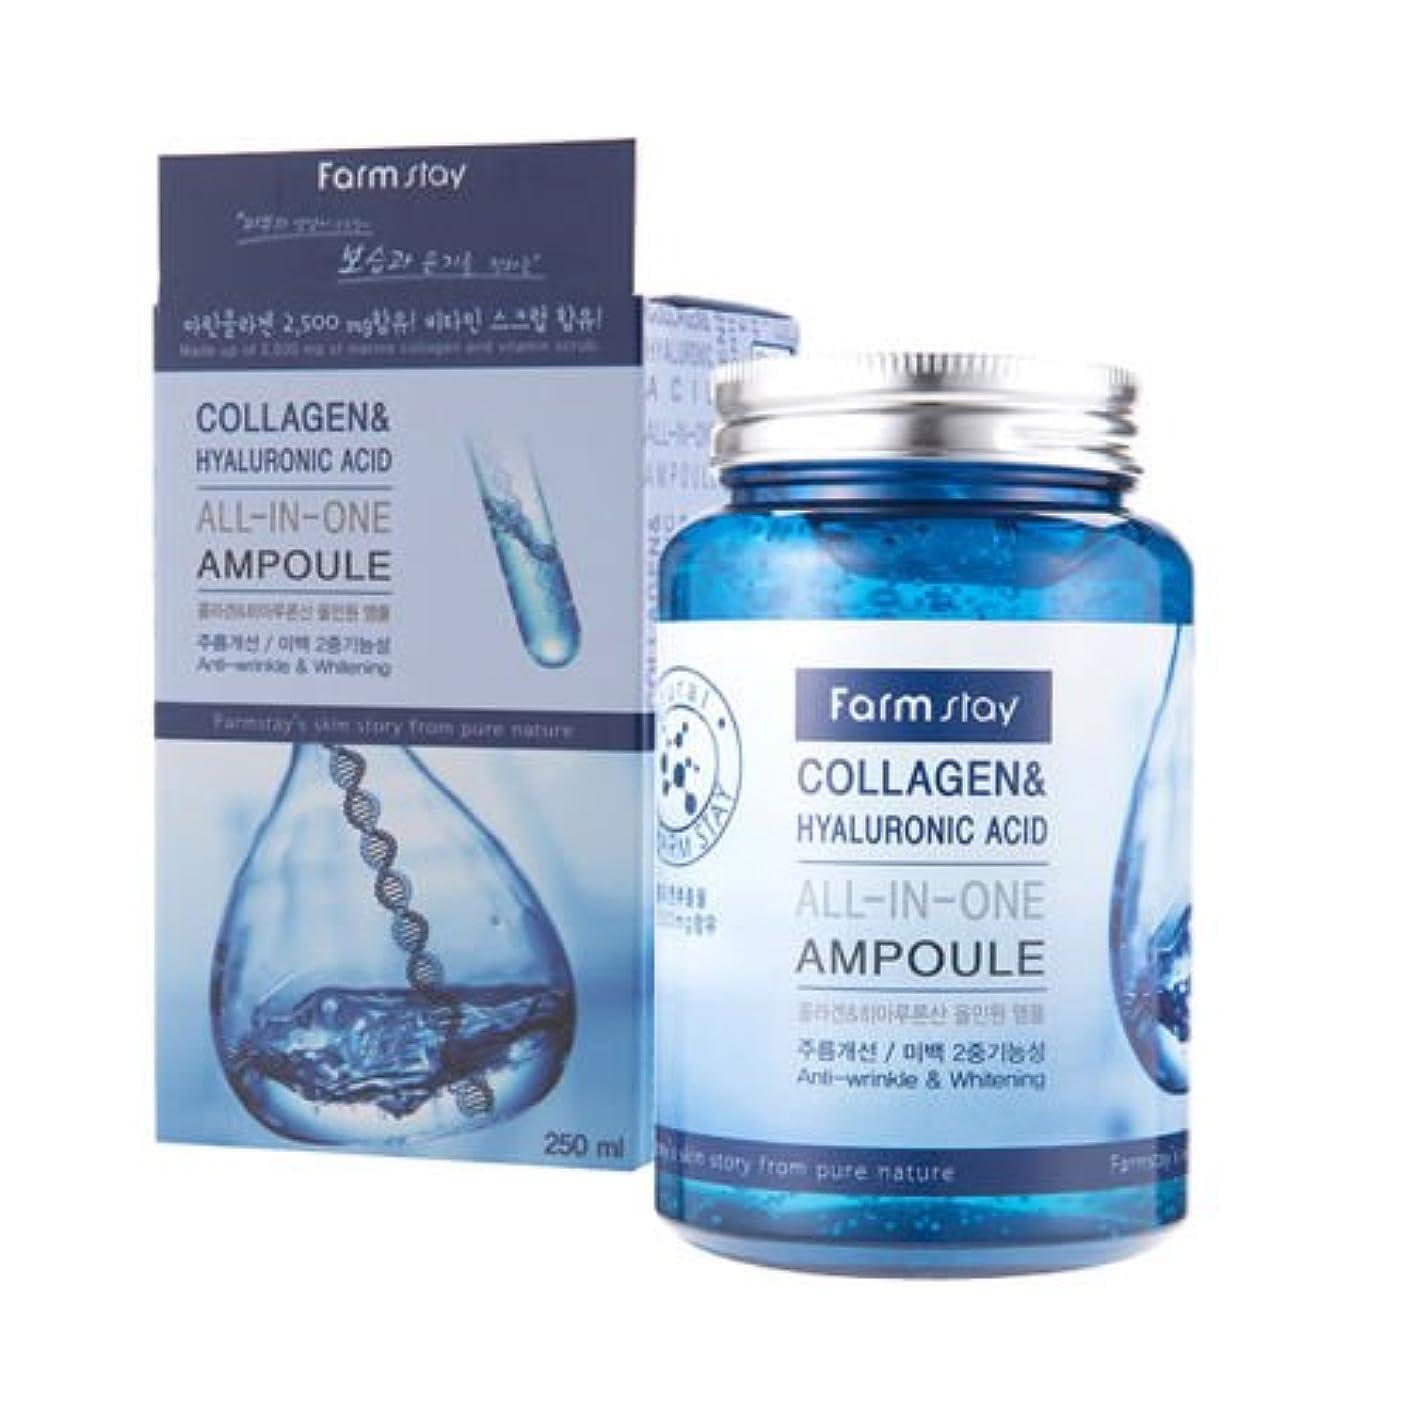 ブリーフケース補う神経Farm Stay Collagen & Hyaluronic Acid All In One Ampoule 250ml/Korea Cosmetic [並行輸入品]